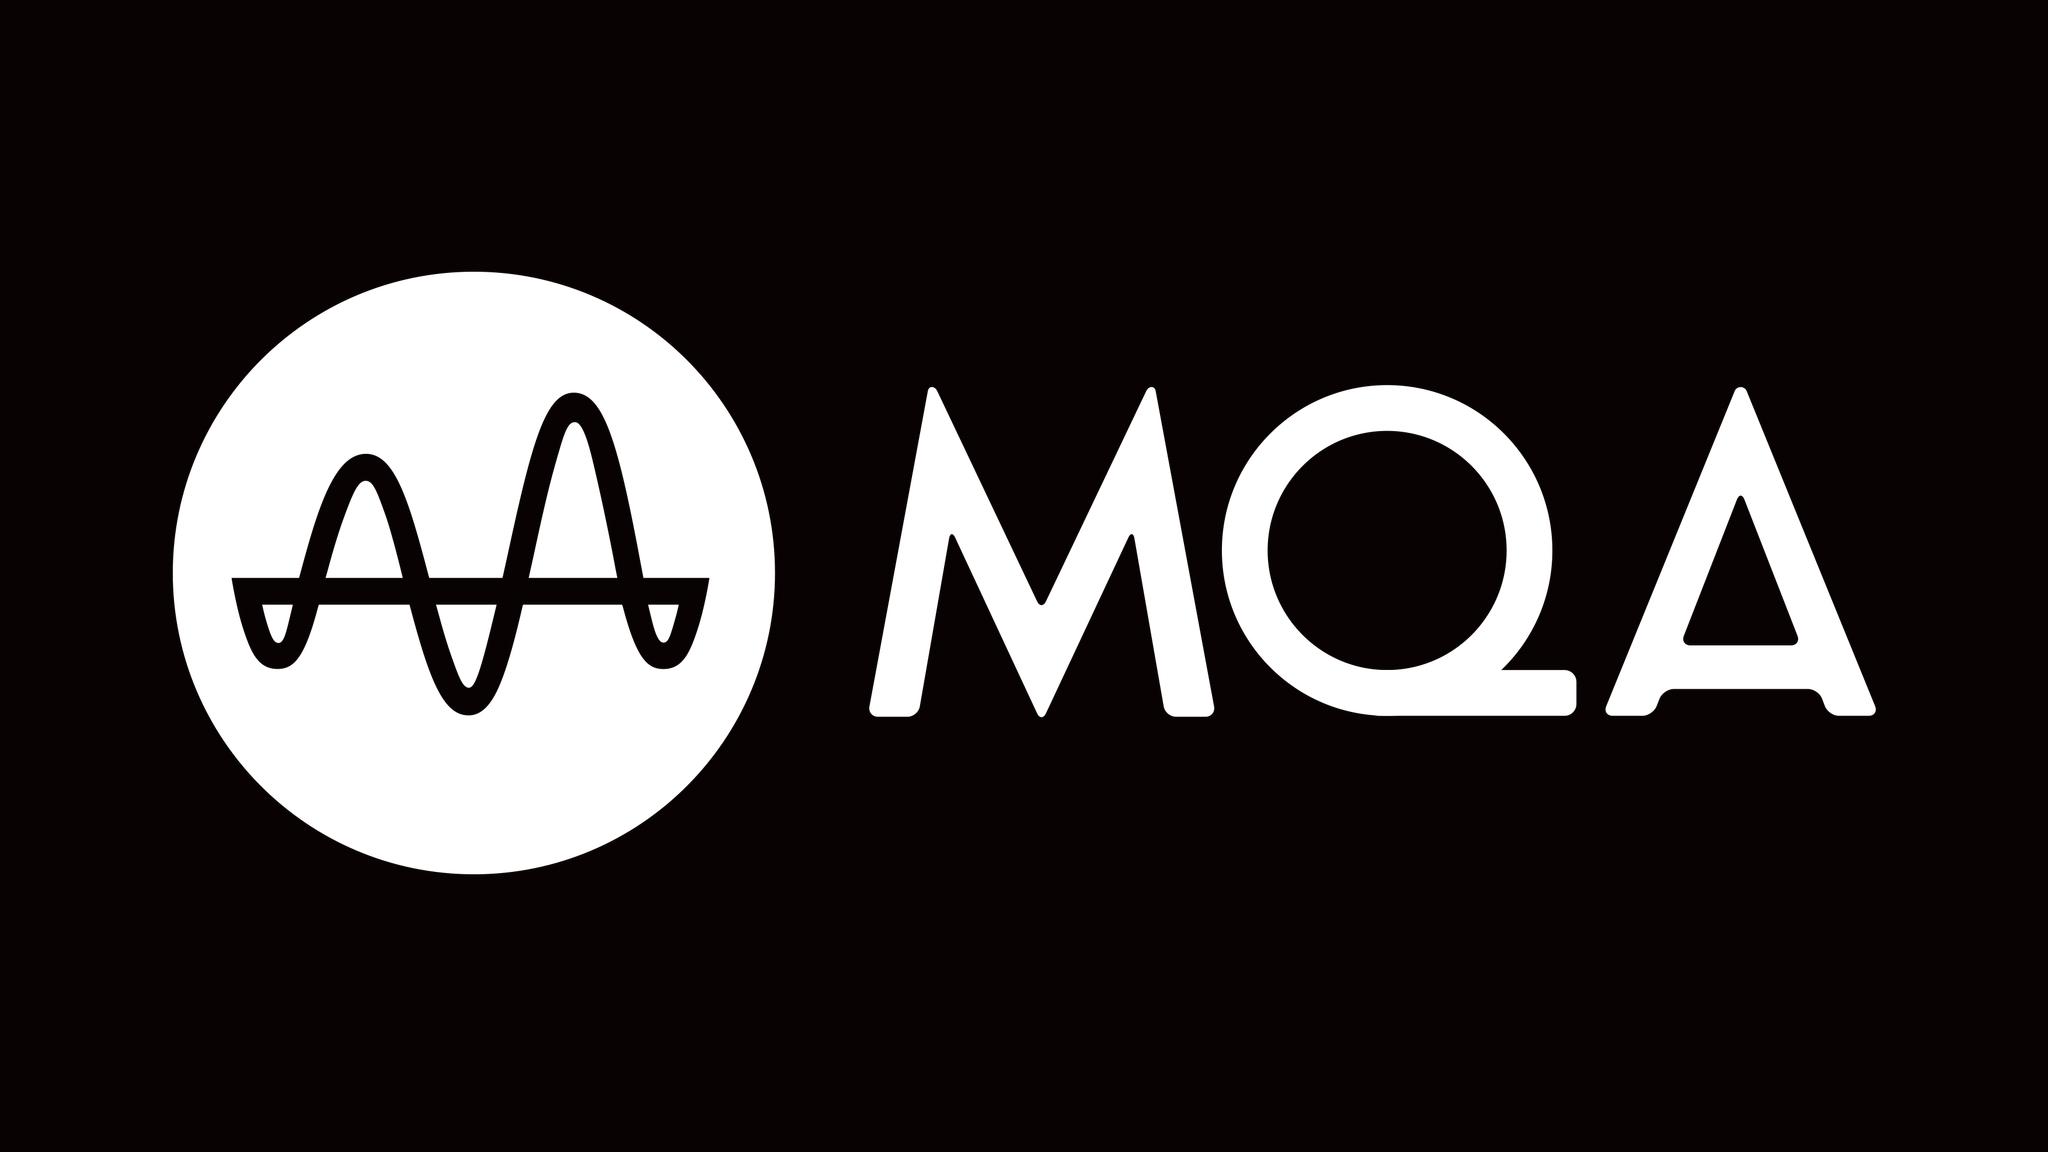 关于Hi-Fi | 完全享受MQA的Hi-Res音乐,如何展开三层解析度的MQA?